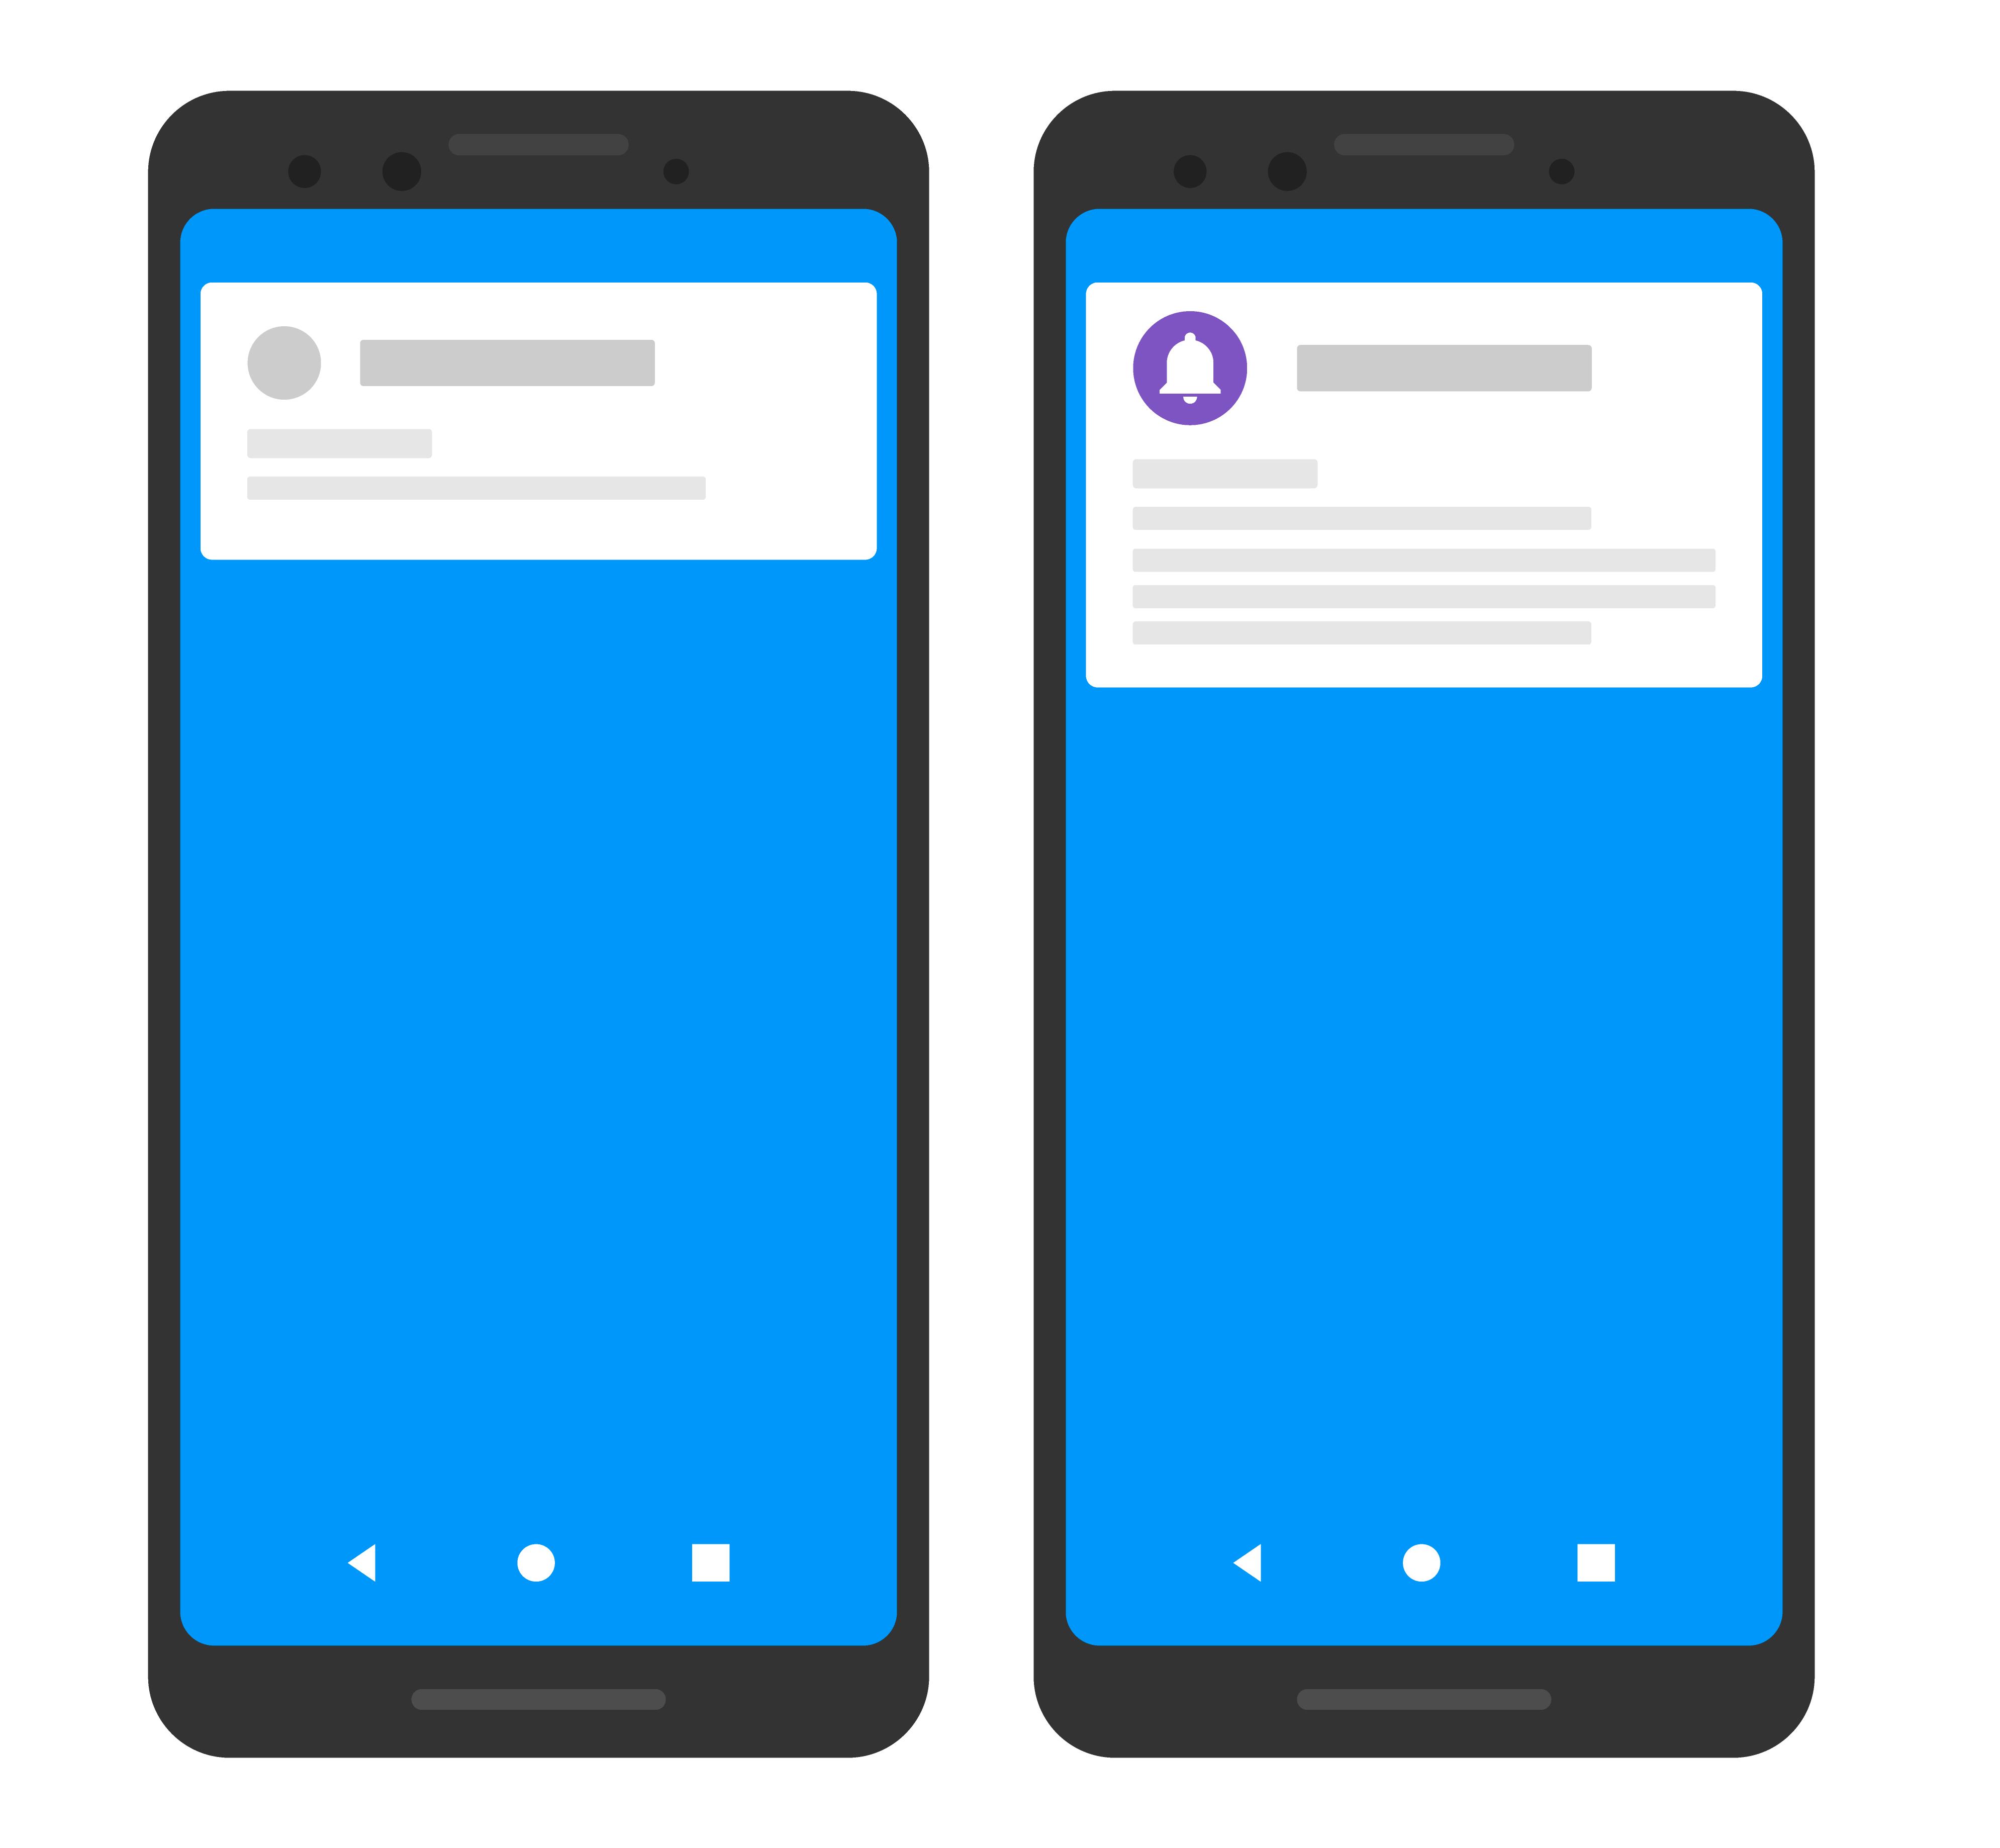 Prosty rysunek dwóch urządzeń, z których jedno wyświetla niestandardową ikonę i kolor